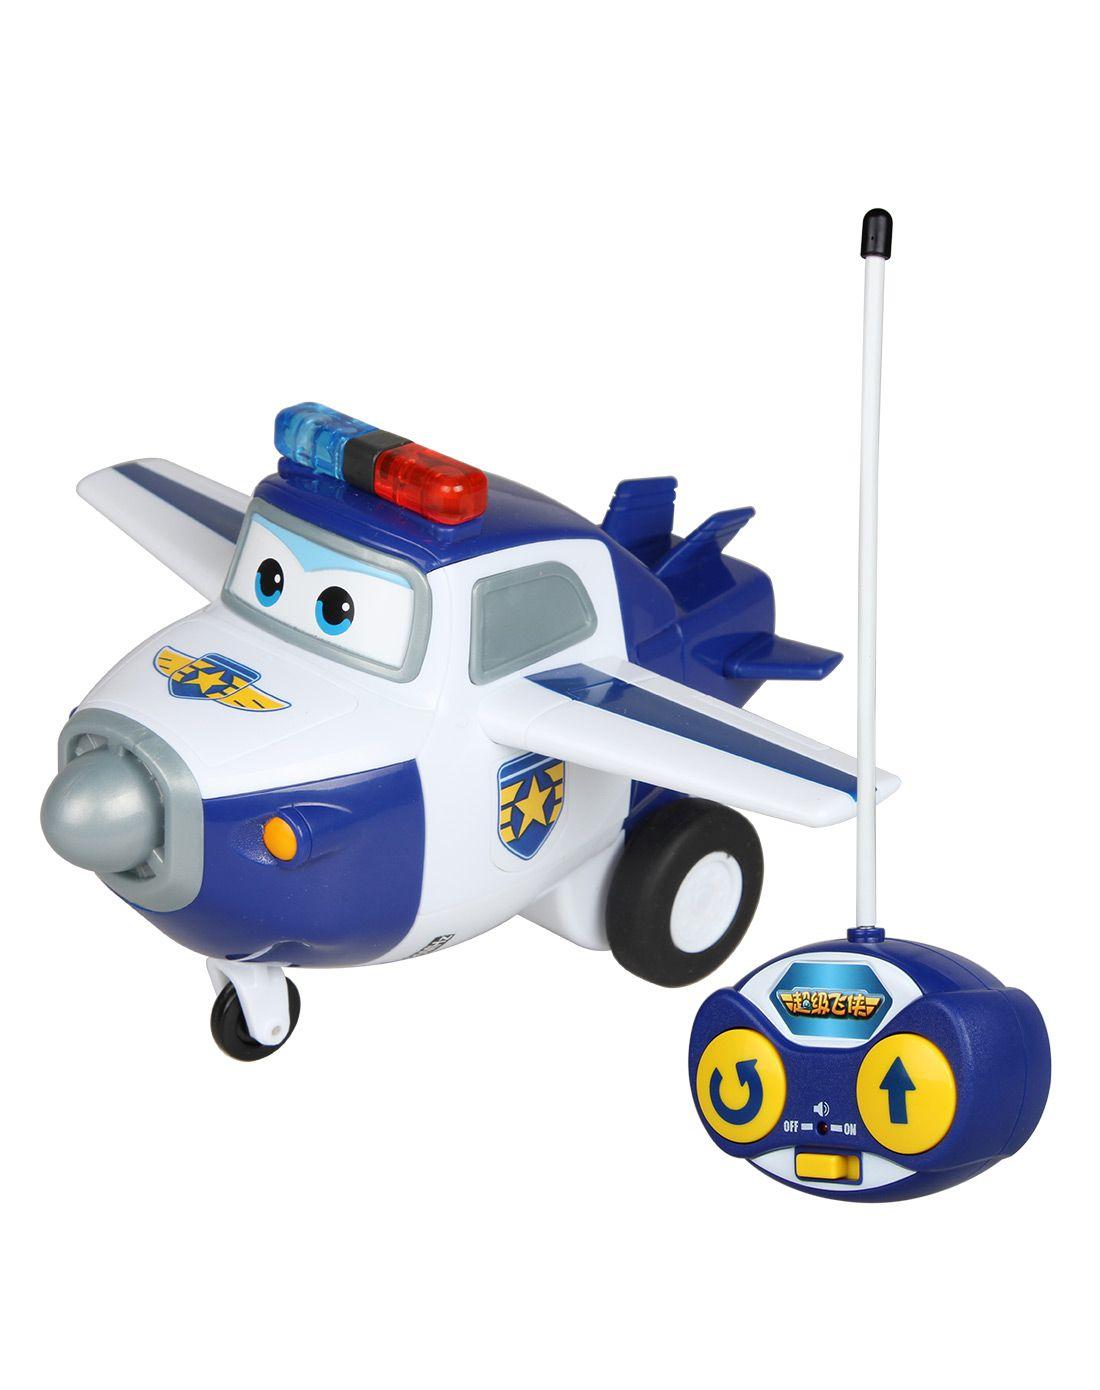 奥迪双钻auldey玩具专场遥控滑行飞机—包警长710750